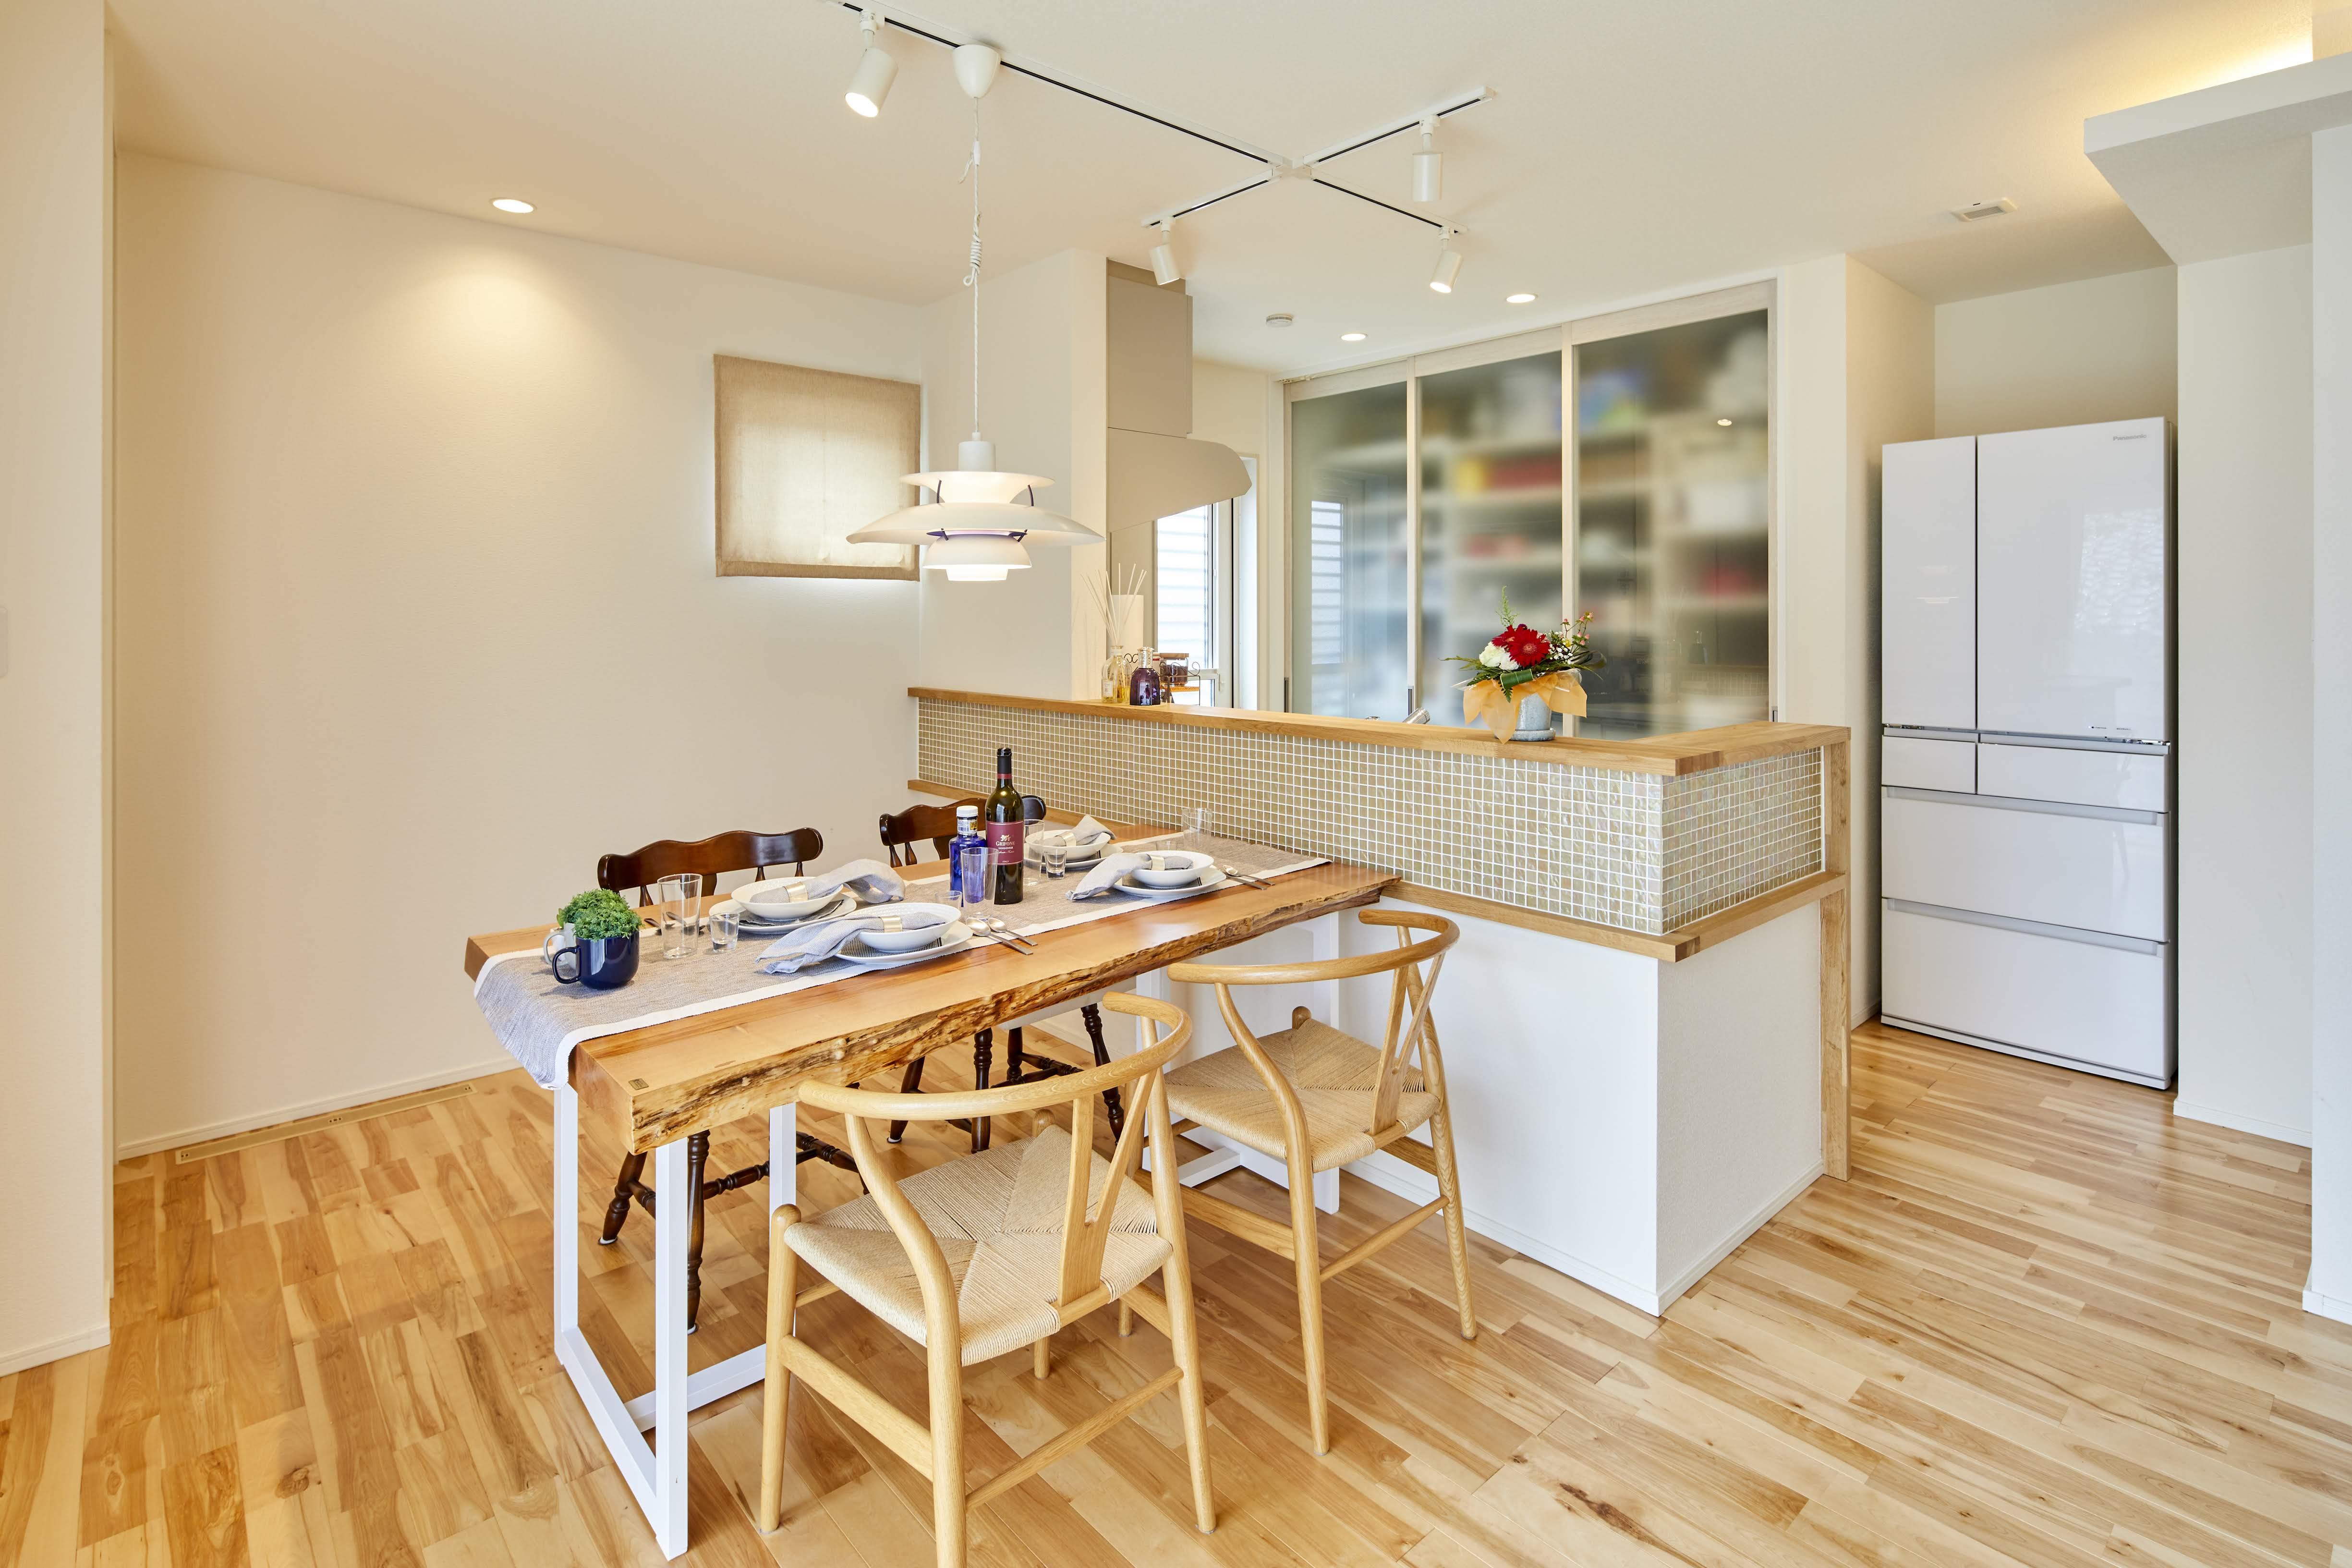 キッチンの背面収納にはスケルトンの収納扉を採用。 大容量の収納をスッキリとした印象で実現した